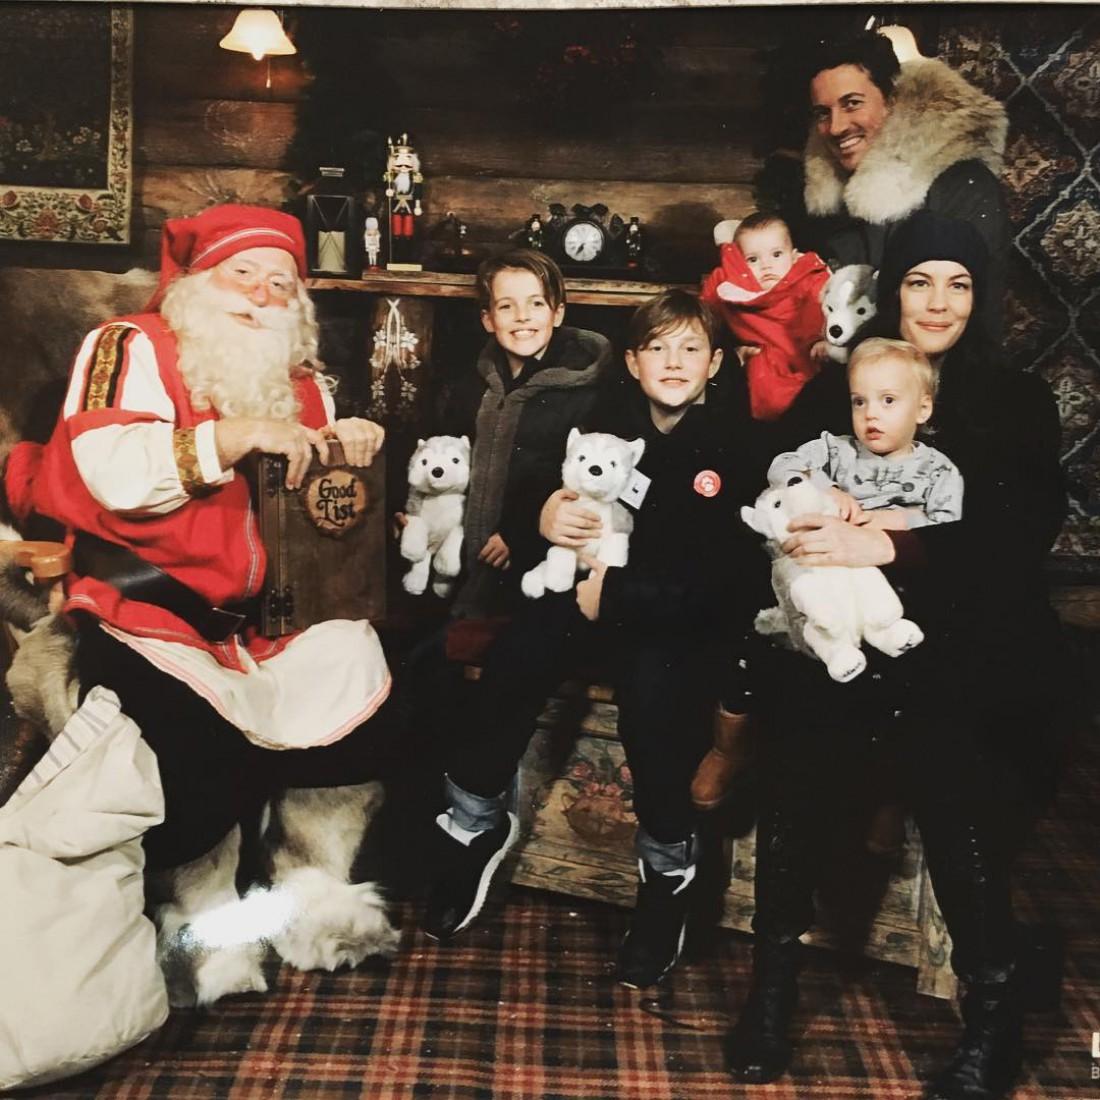 Лив Тайлер и Дейв Гарнер со своими детьми